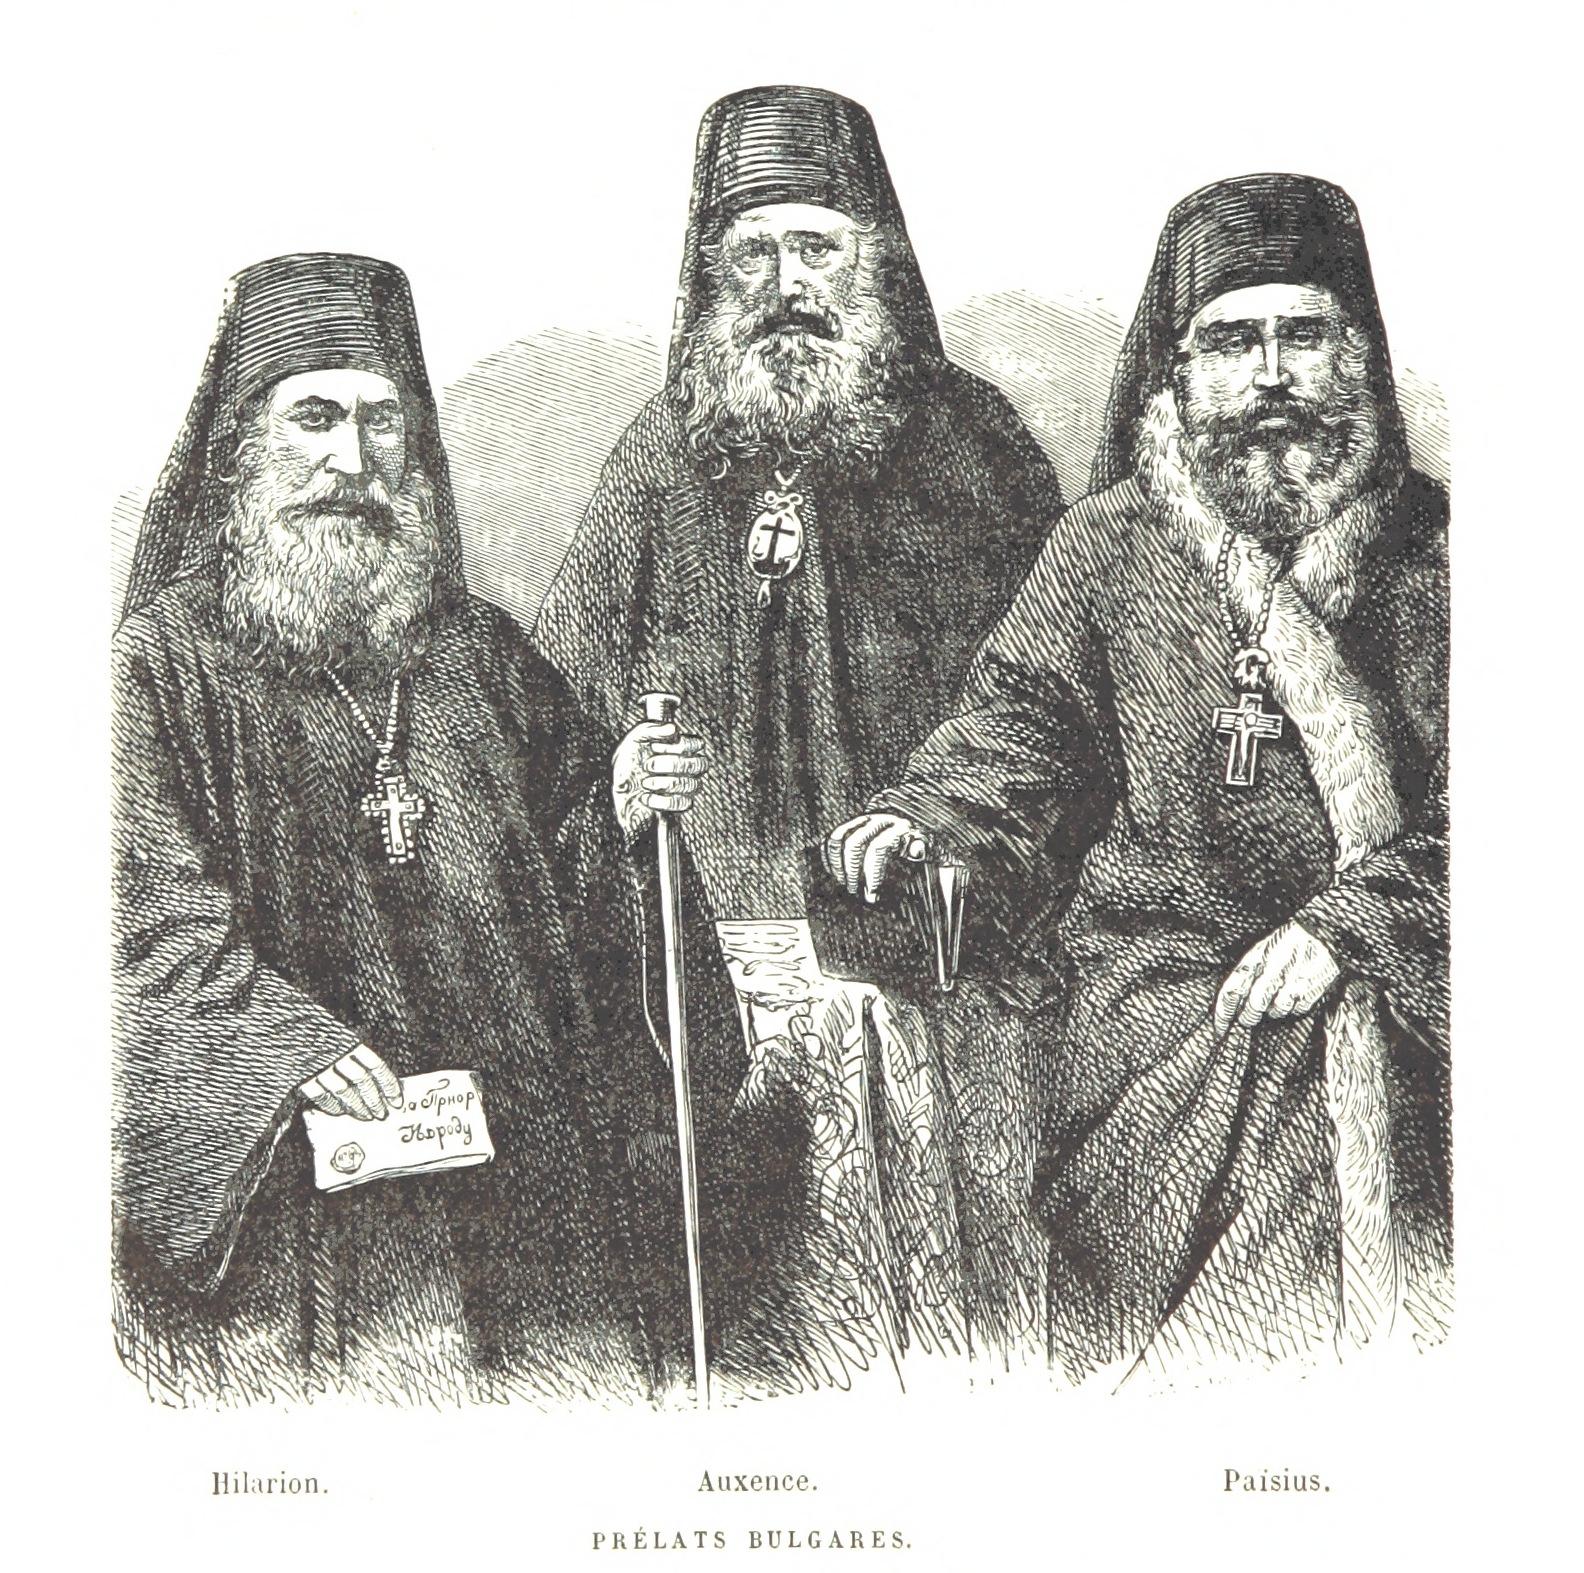 Български свещеници. Илюстрация от книгата La Bulgarie Danubienne et le Balkan, 1882 г.